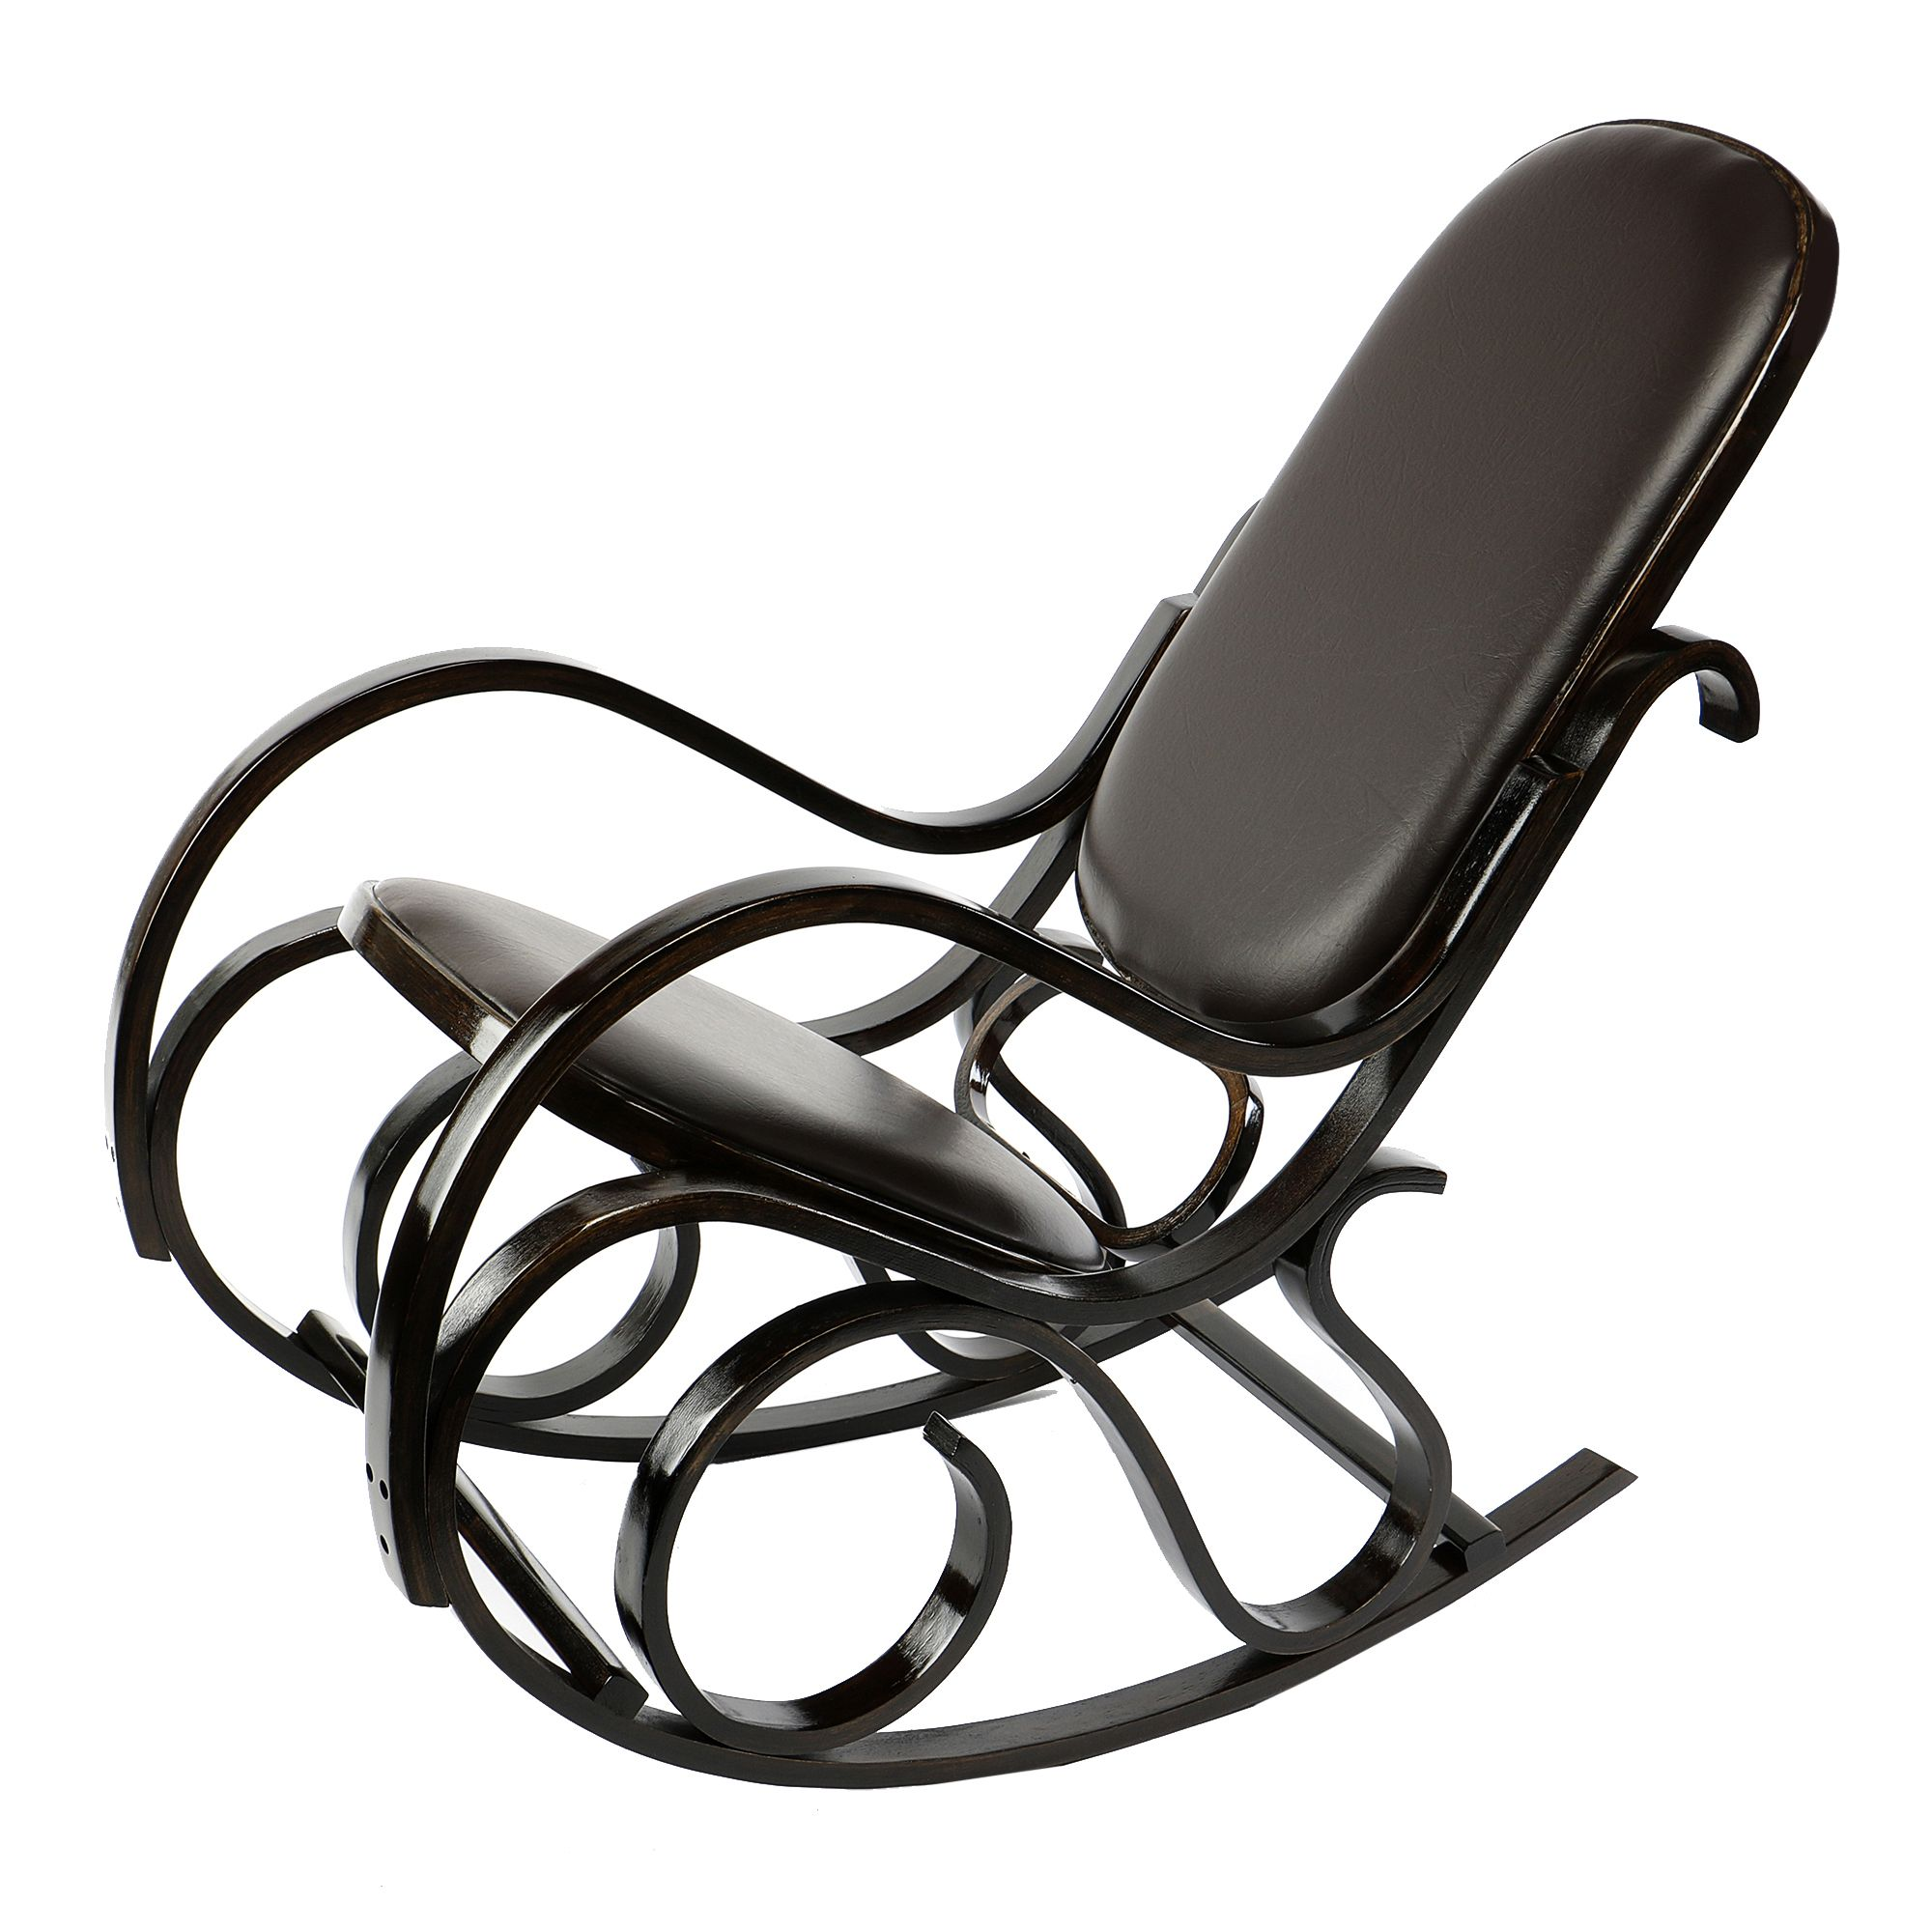 Люлеещ се стол Kring Sun, 51.5 x 91 x 97 cм, Екологична кожа, Кафяв